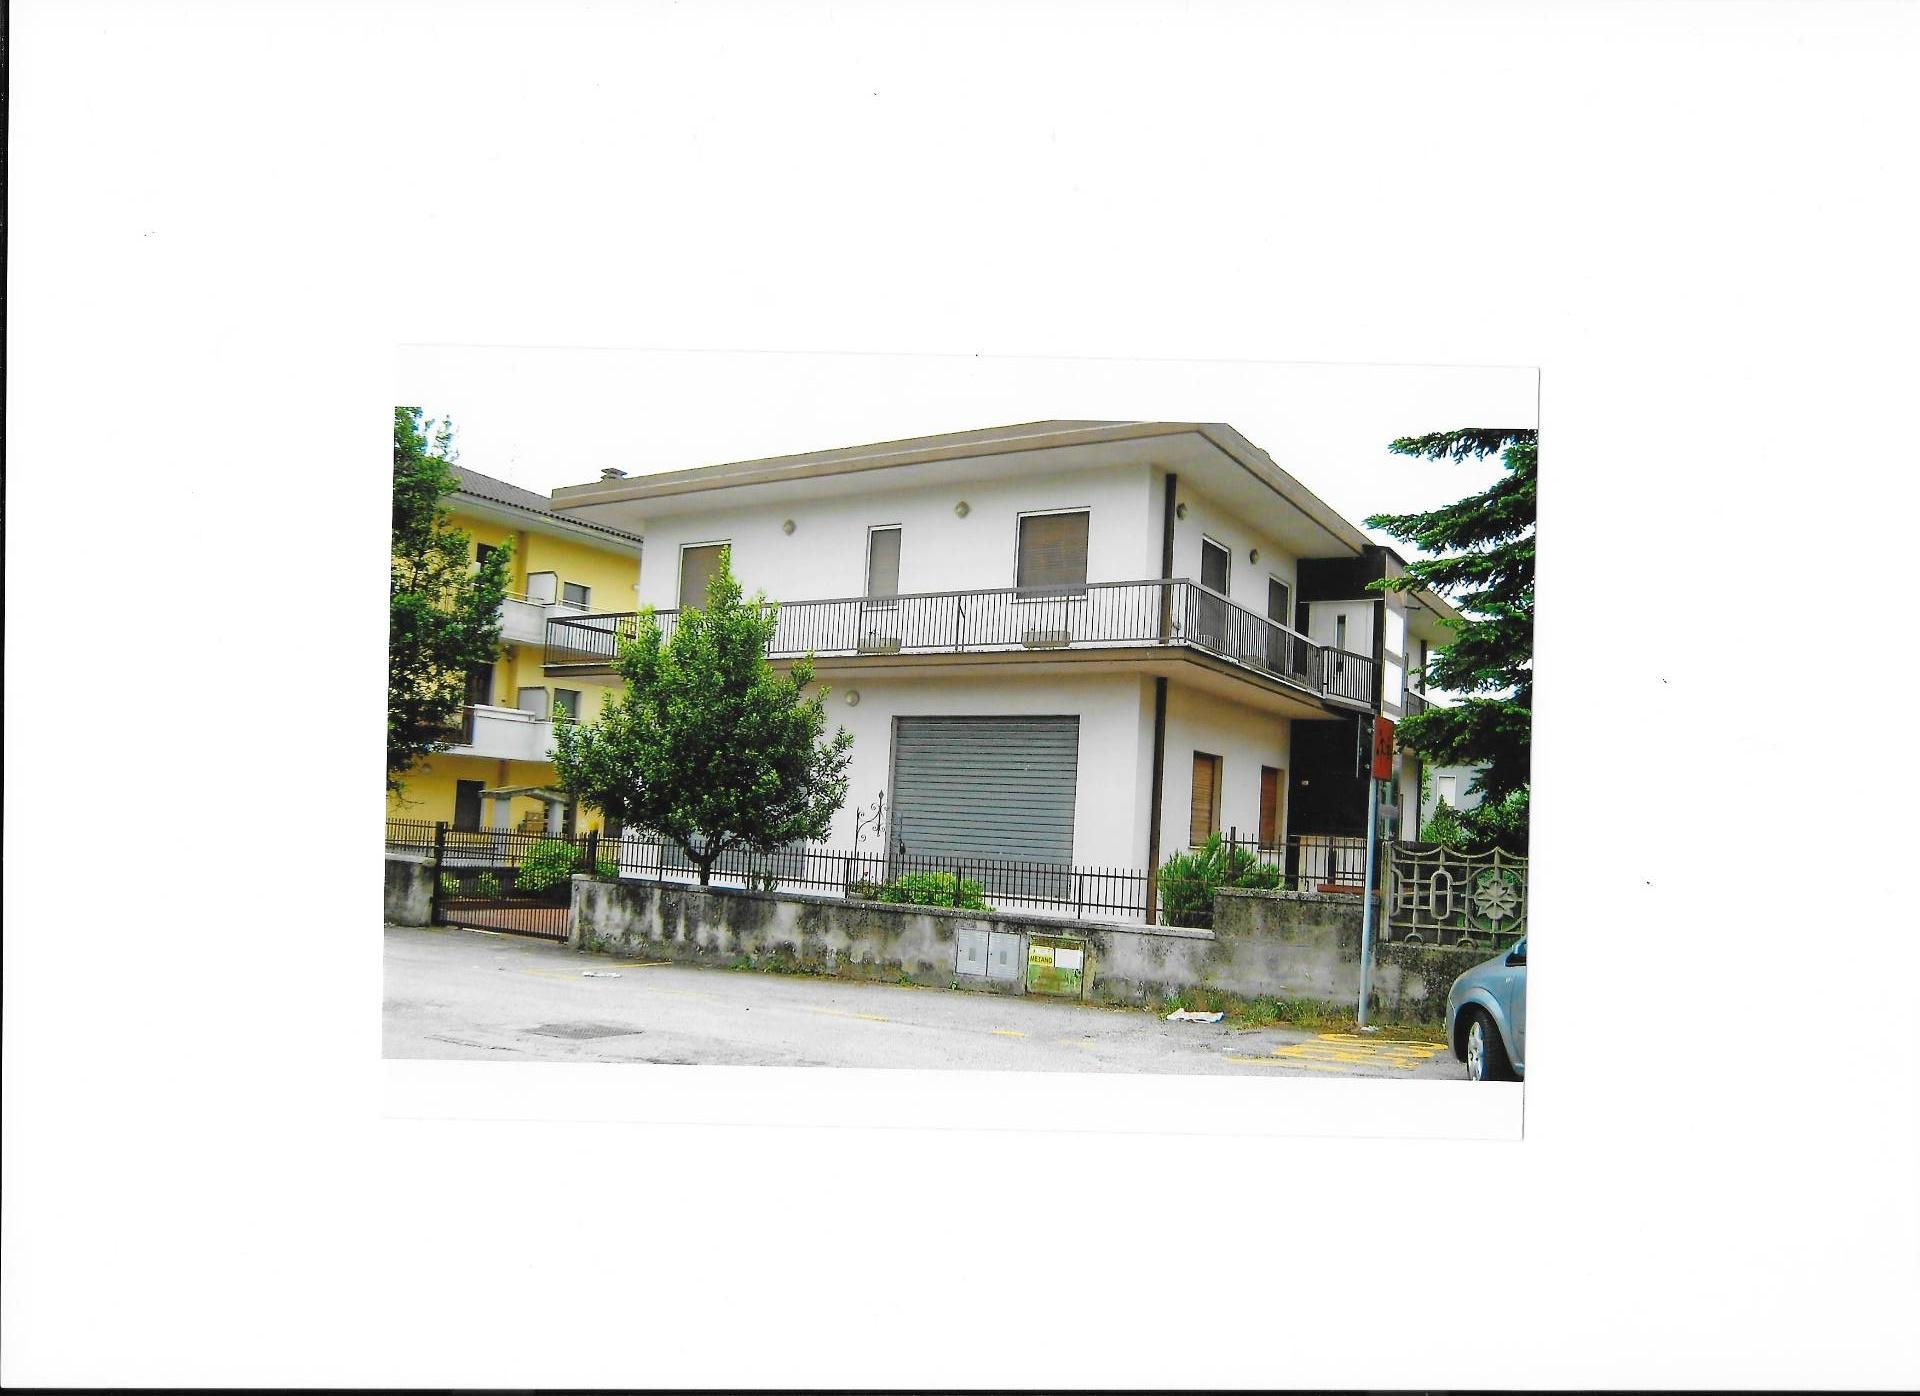 Soluzione Indipendente in vendita a Teramo, 5 locali, zona Località: PianoDAccio, prezzo € 280.000 | Cambio Casa.it